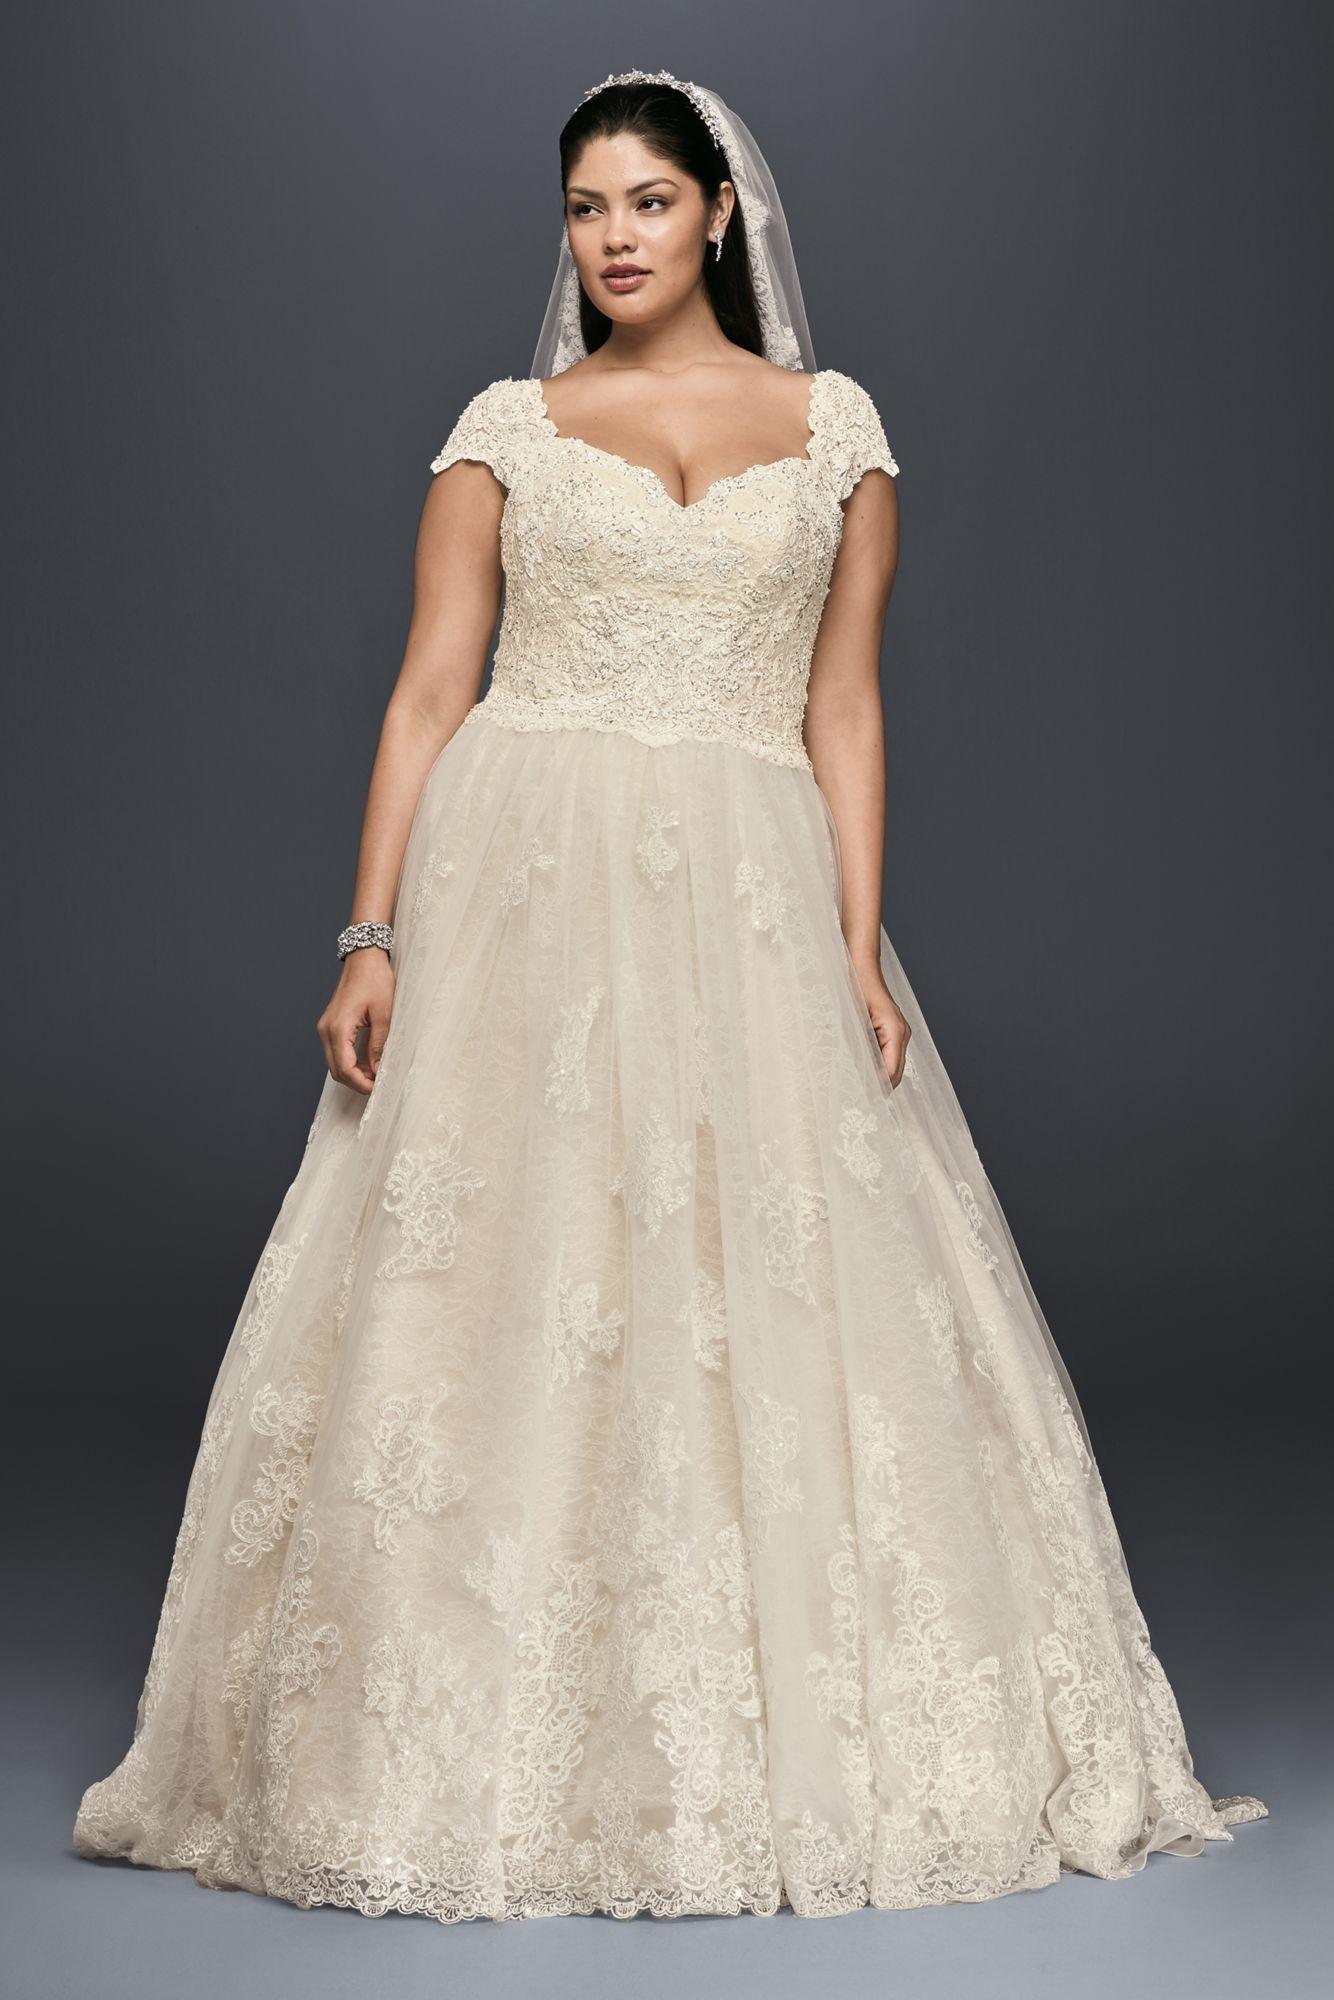 Plus Size 8CWG768 Style Oleg Cassini Long Cap Sleeve Lace Wedding Dress